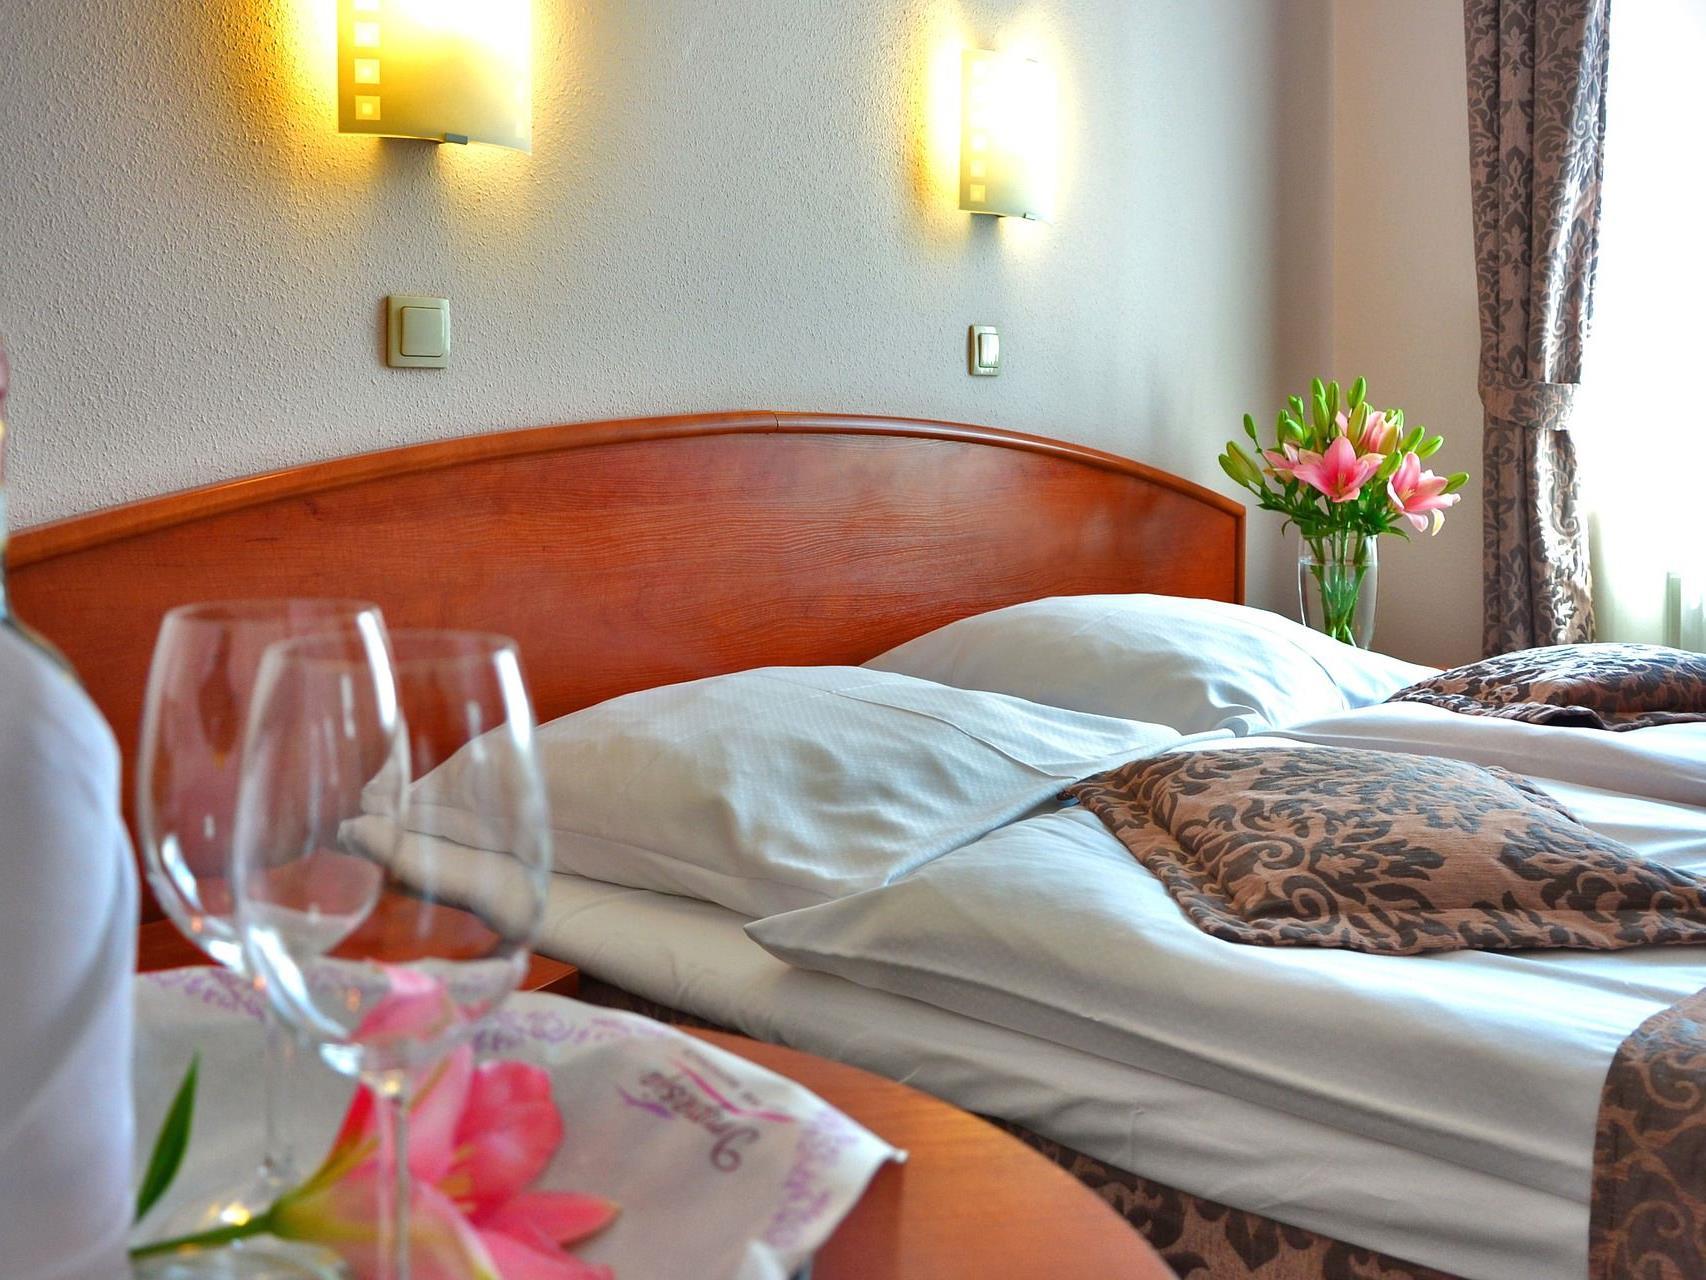 In vielen Ferienregionen sind die Hotelpreise angestiegen